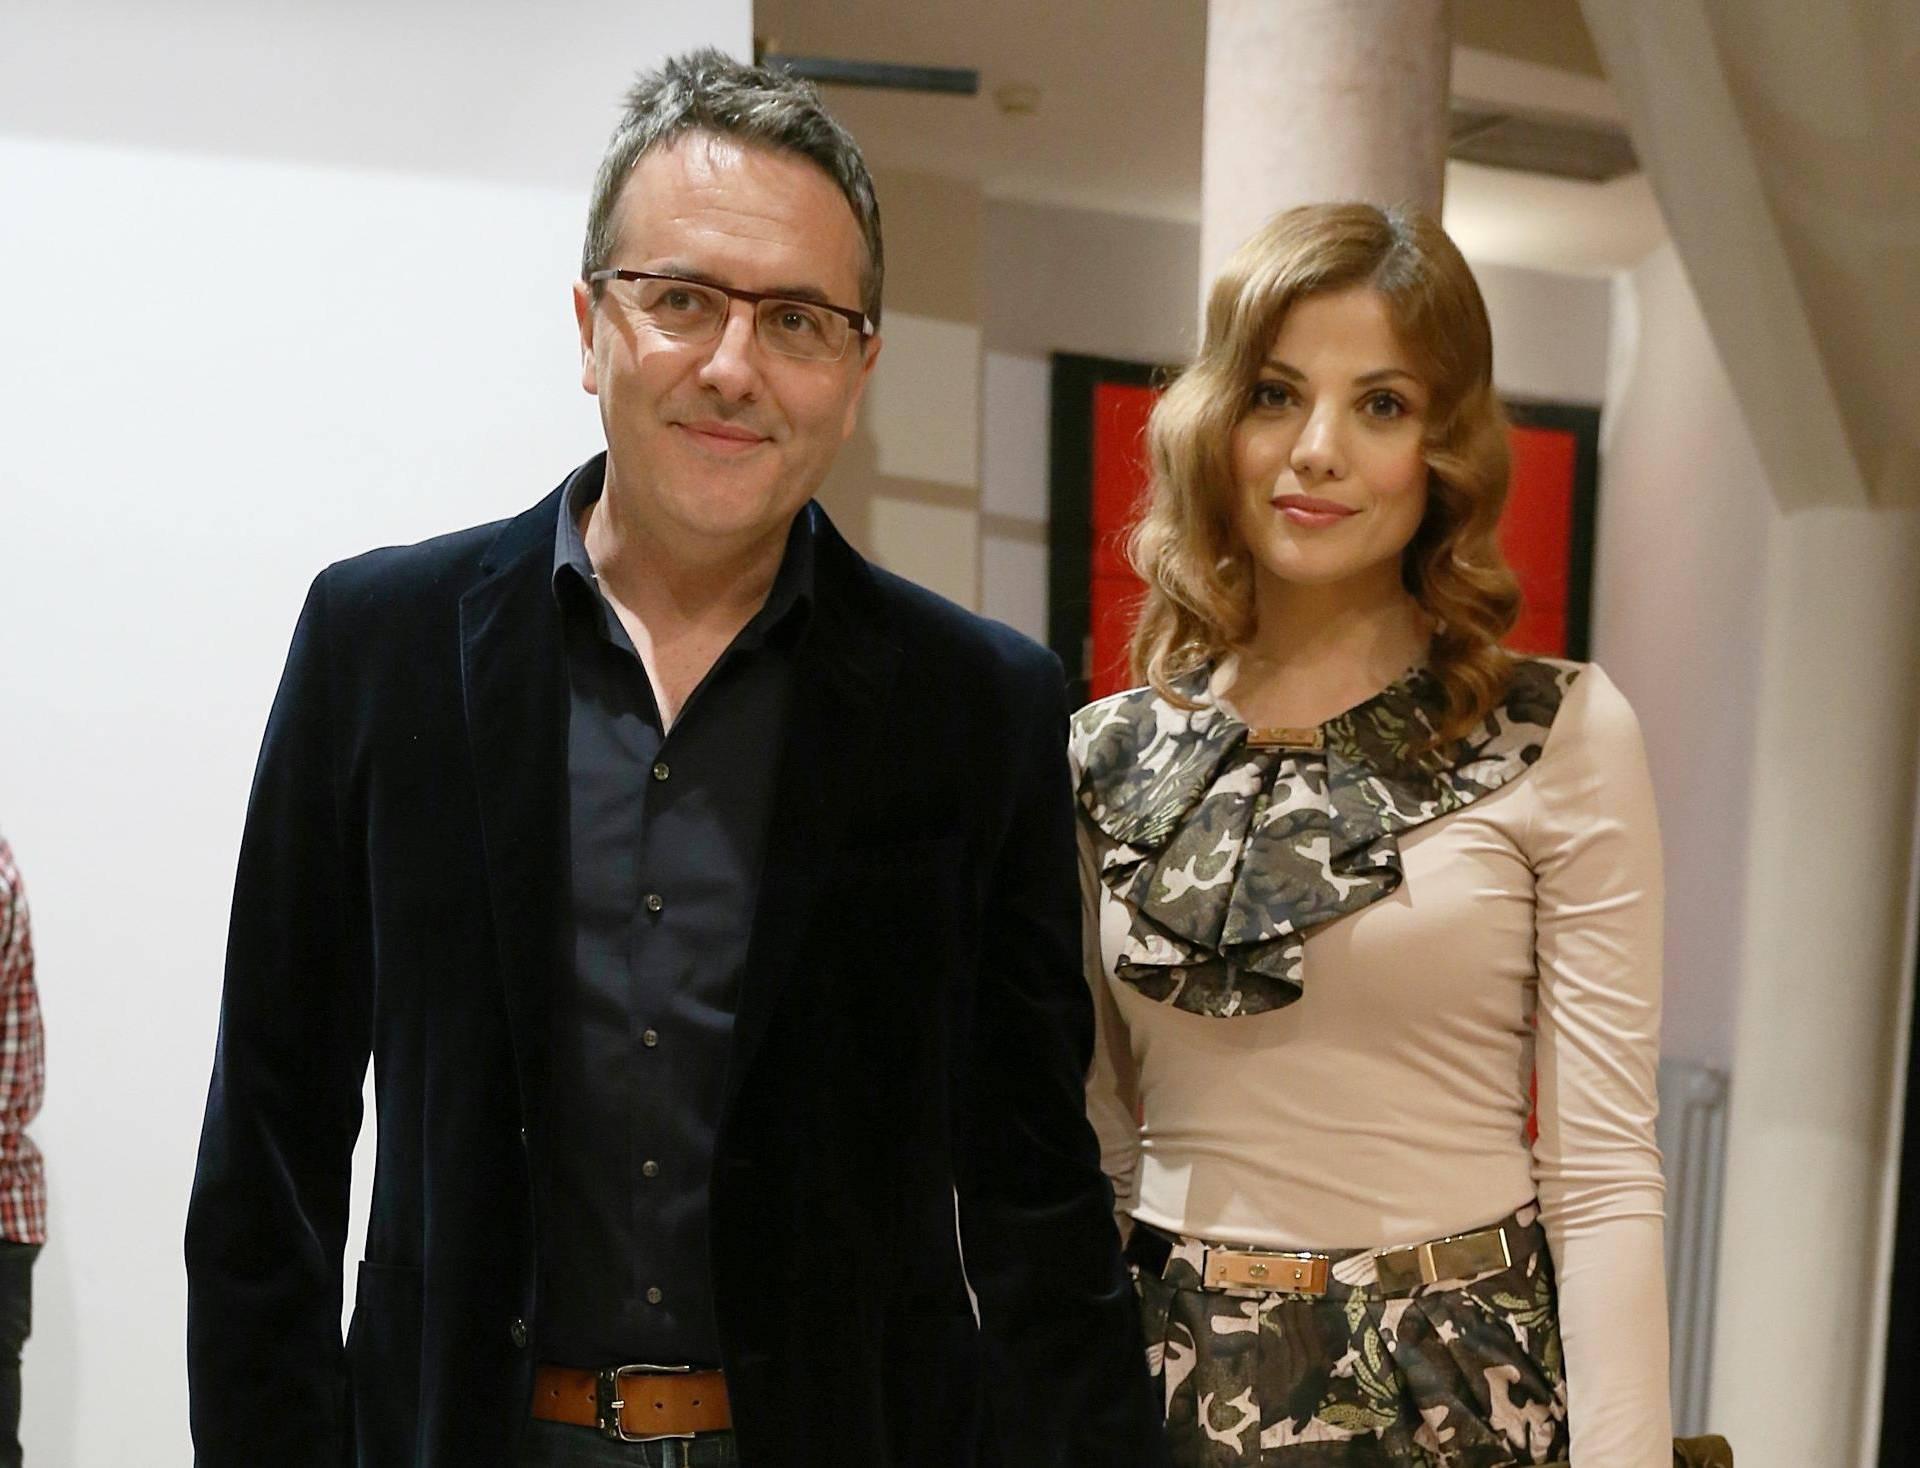 Prvi je propao: Lejla Filipović želi opet otvoriti propali butik